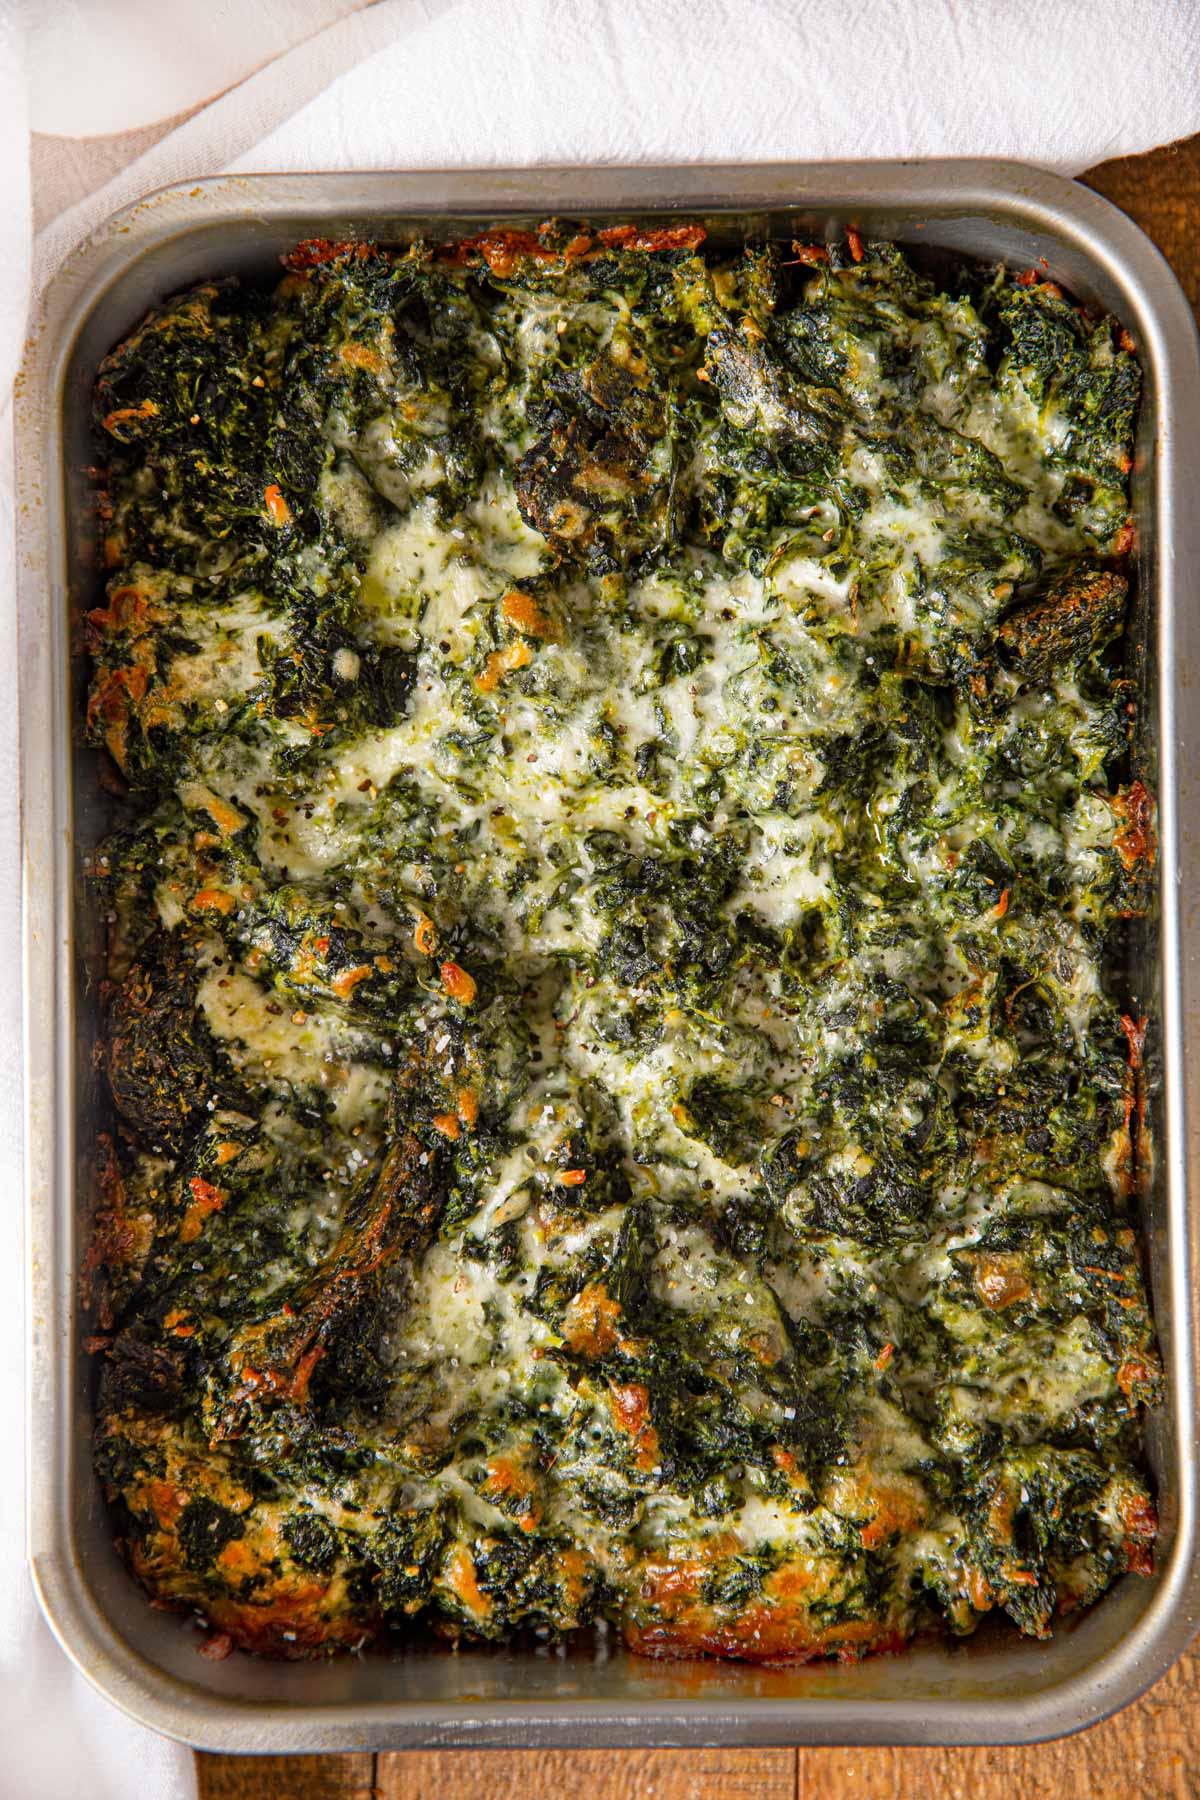 metal baking pan of Spinach Gratin